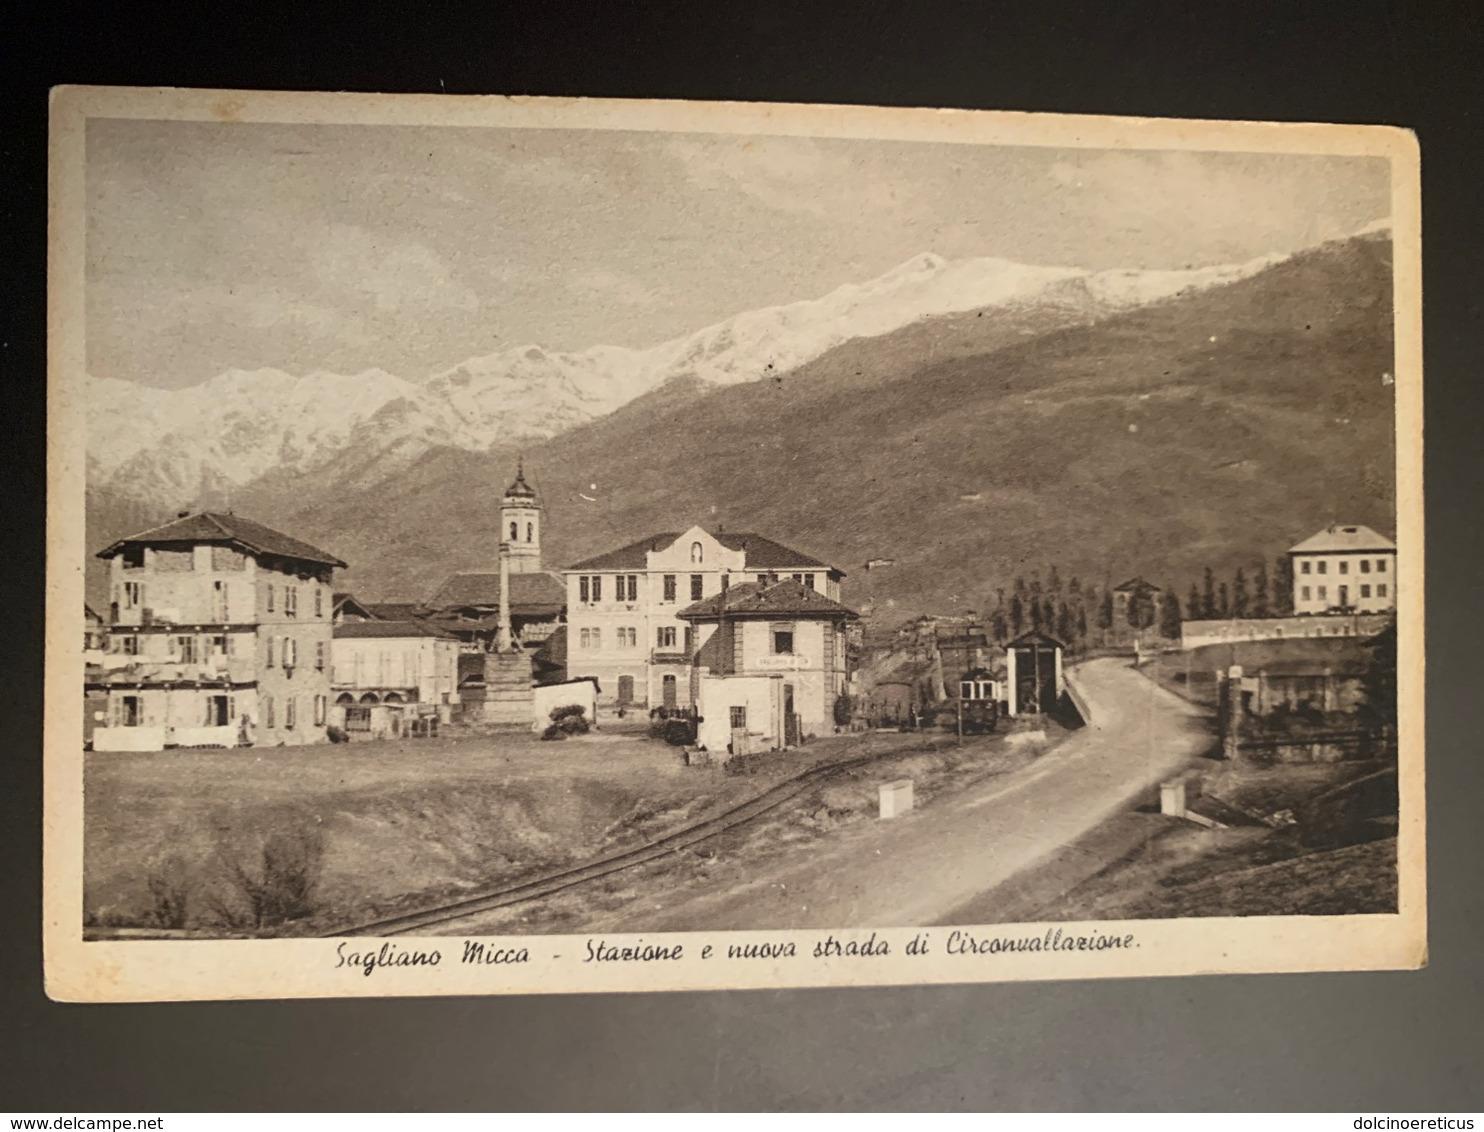 Biella SAGLIANO MICCA Stazione Ferroviaria FP - Biella